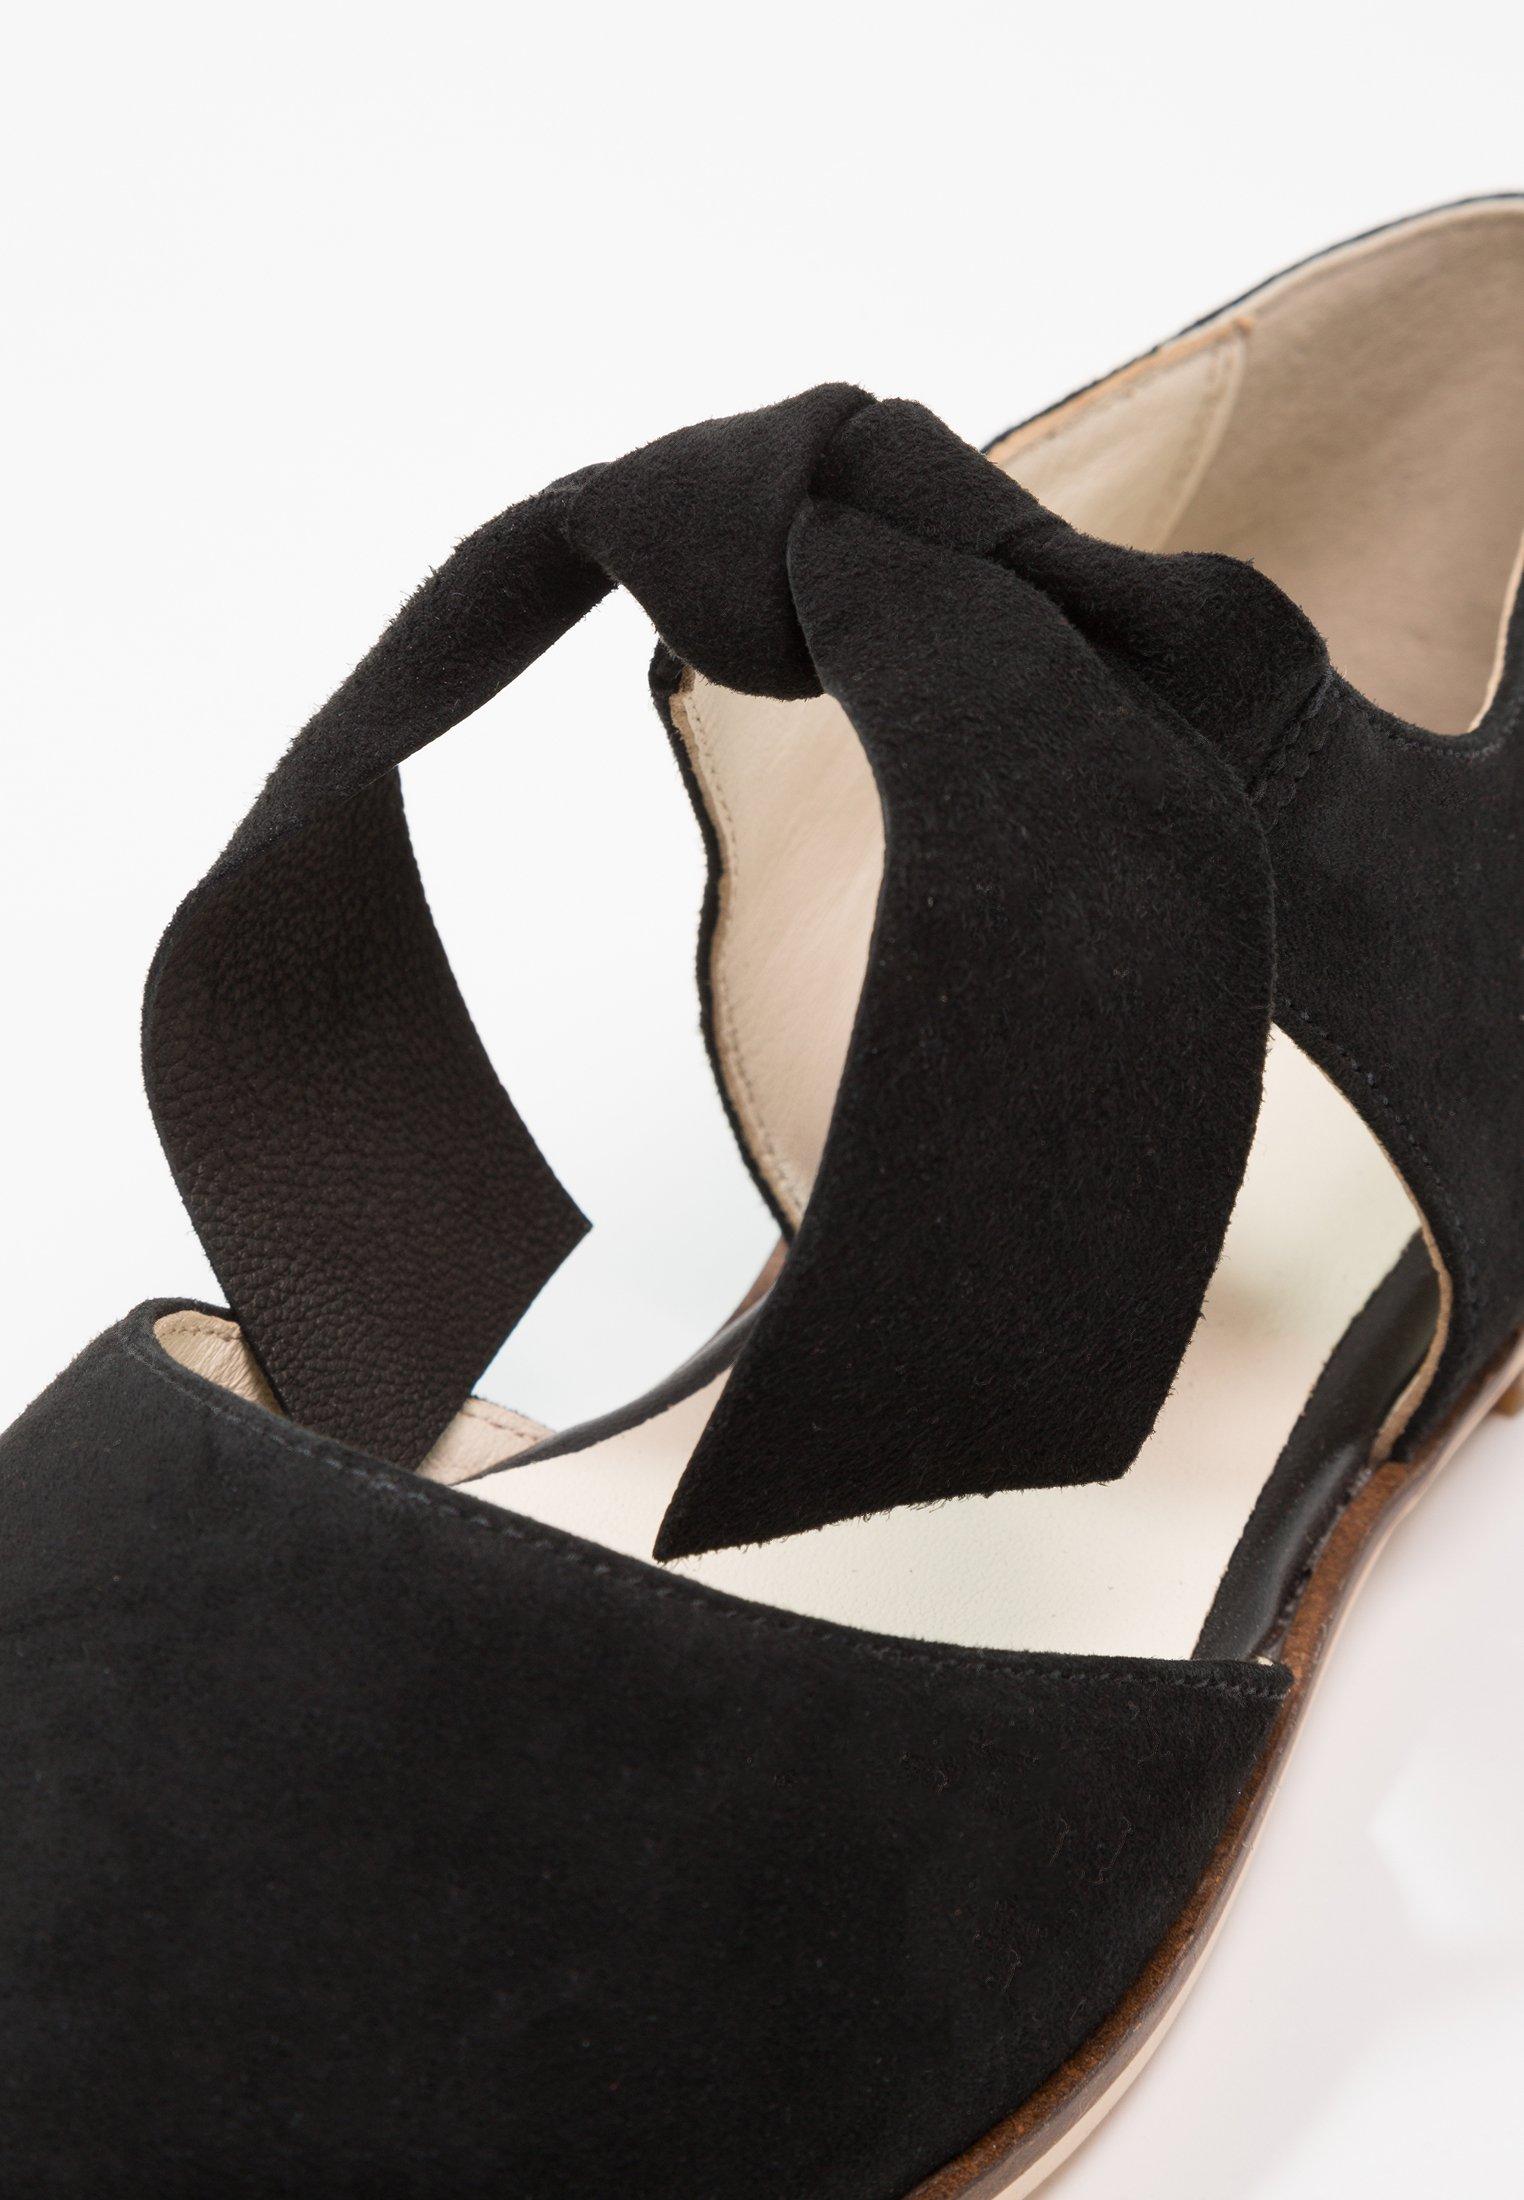 Women LEATHER ANKLE STRAP BALLET PUMPS - Ankle strap ballet pumps